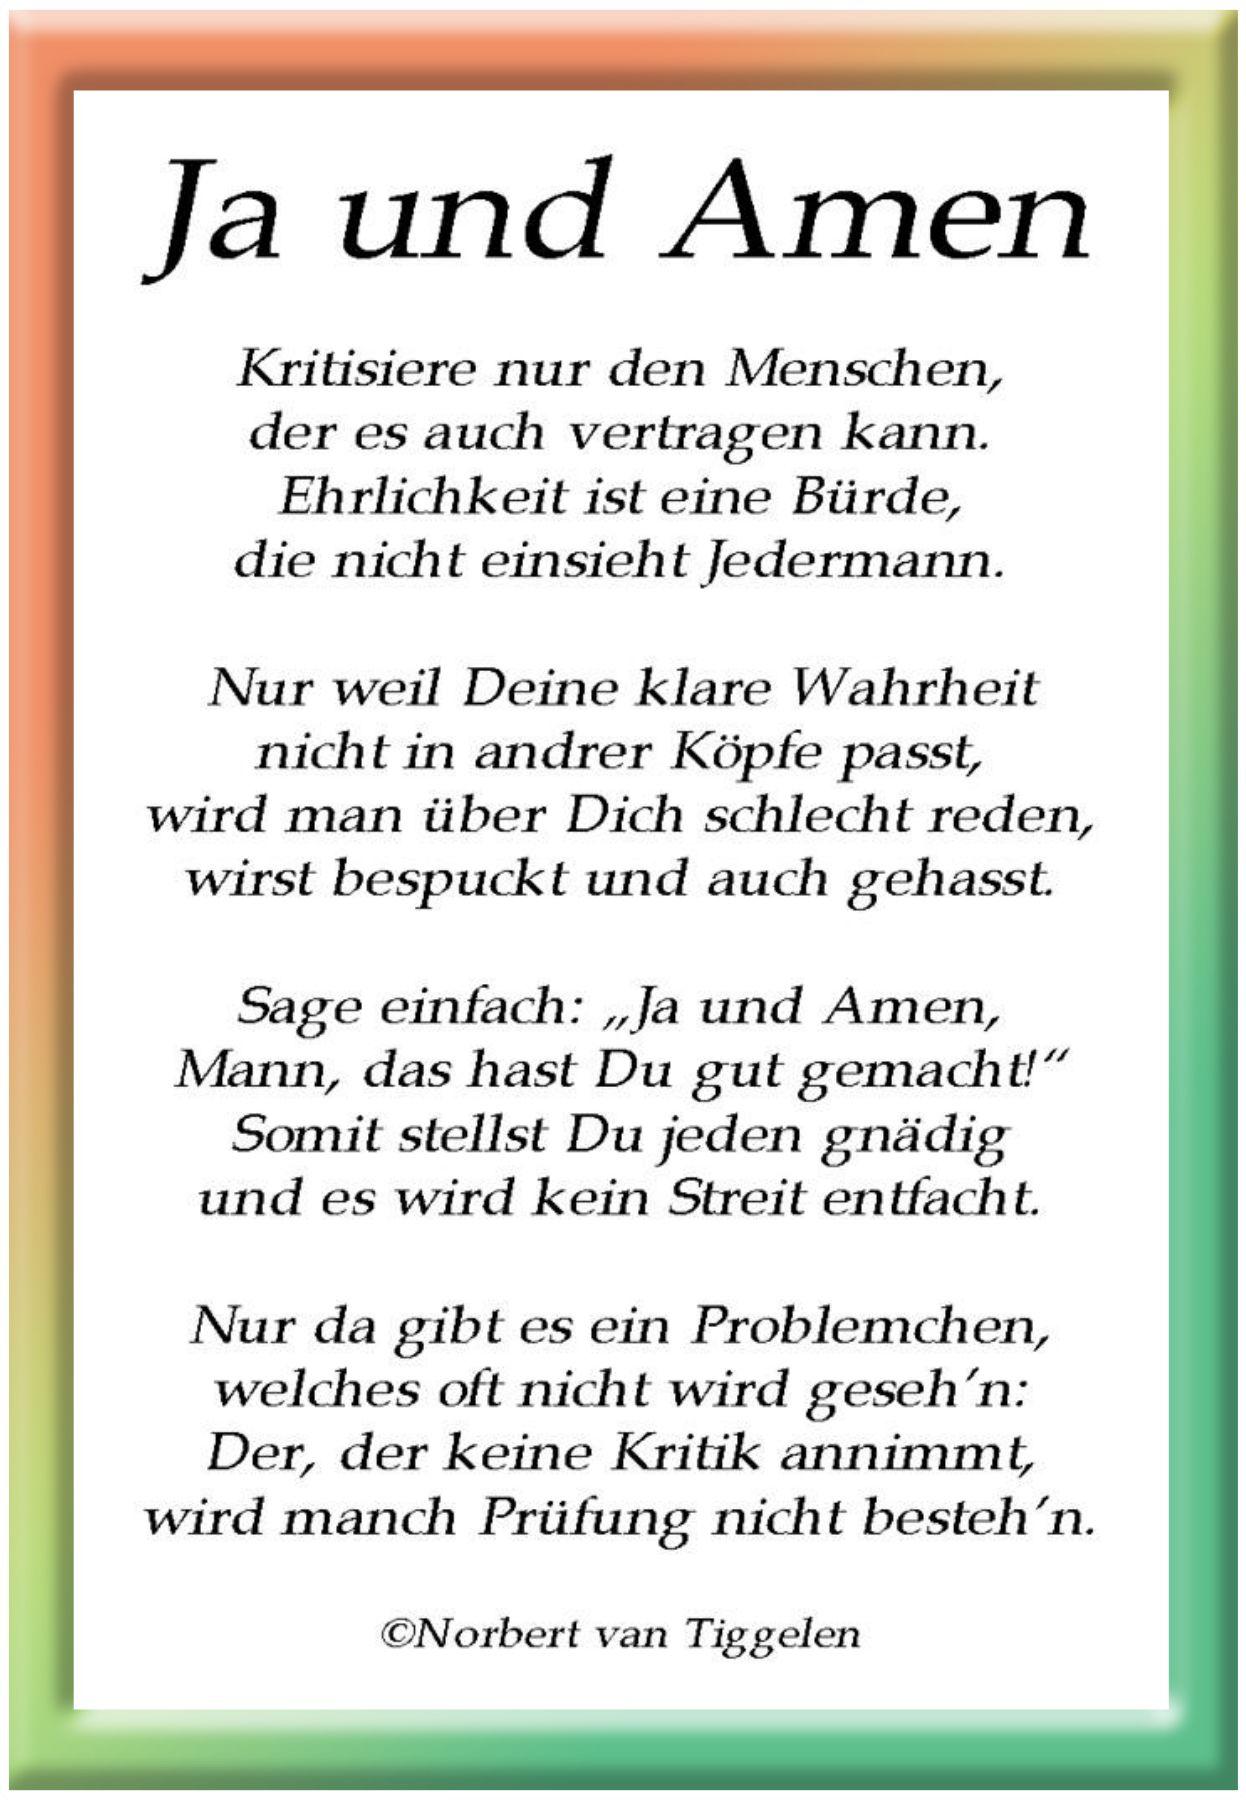 Pin Von Angelika Back Auf Gedichte Geschichten Erzählungen Poems